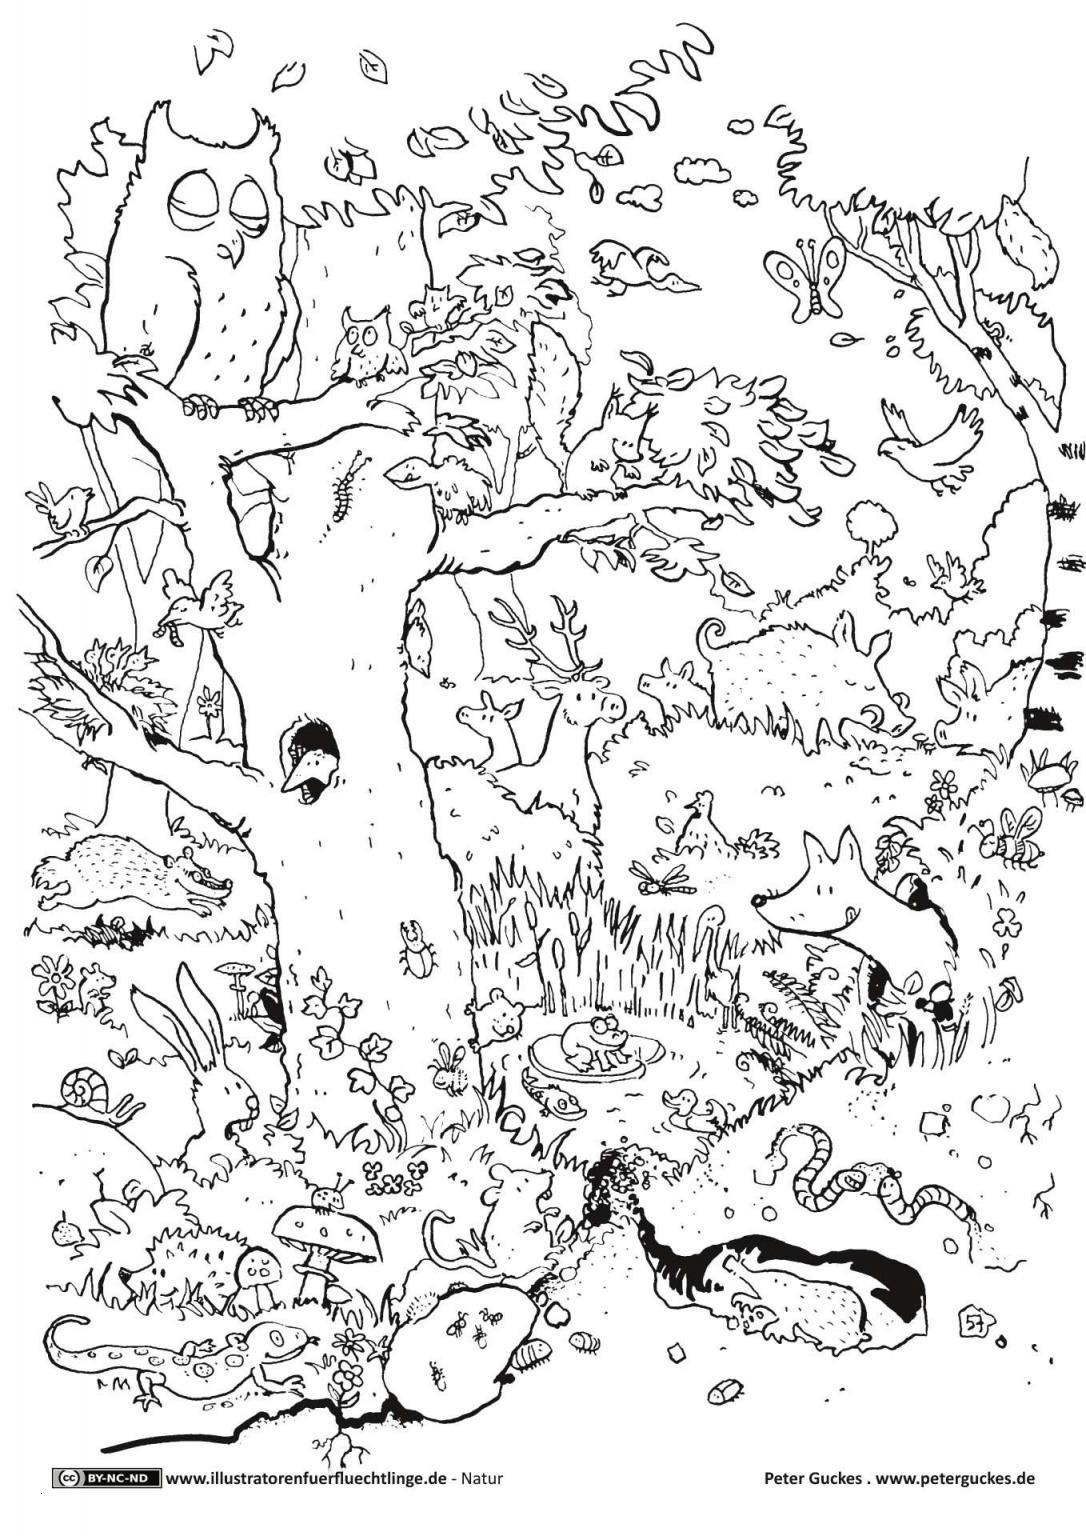 Hexen Bilder Zum Ausdrucken Genial 38 Ausmalbilder Ninjago Zum Ausdrucken Scoredatscore Luxus Bilder